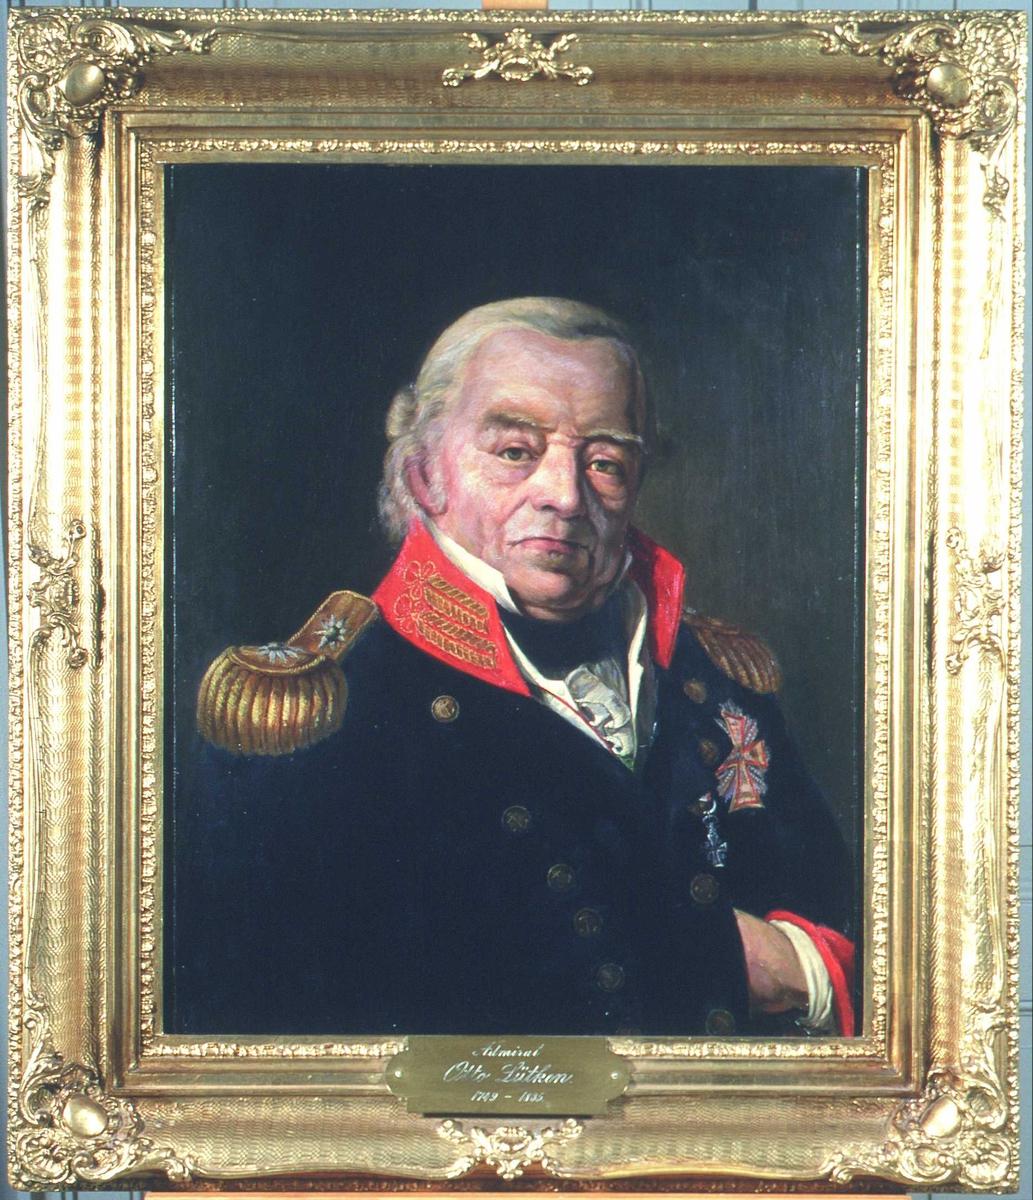 Portrett av Otto Lütken. Mørk uniform m/rød krave og epåletter i gull. Dannebrogsorden. Uniformen er dansk. Han har distinksjoner som viceadmiral, noe som tyder på at originalportrettet, som dette er en kopi av, ble malt en gang mellom 1815 og 1825.